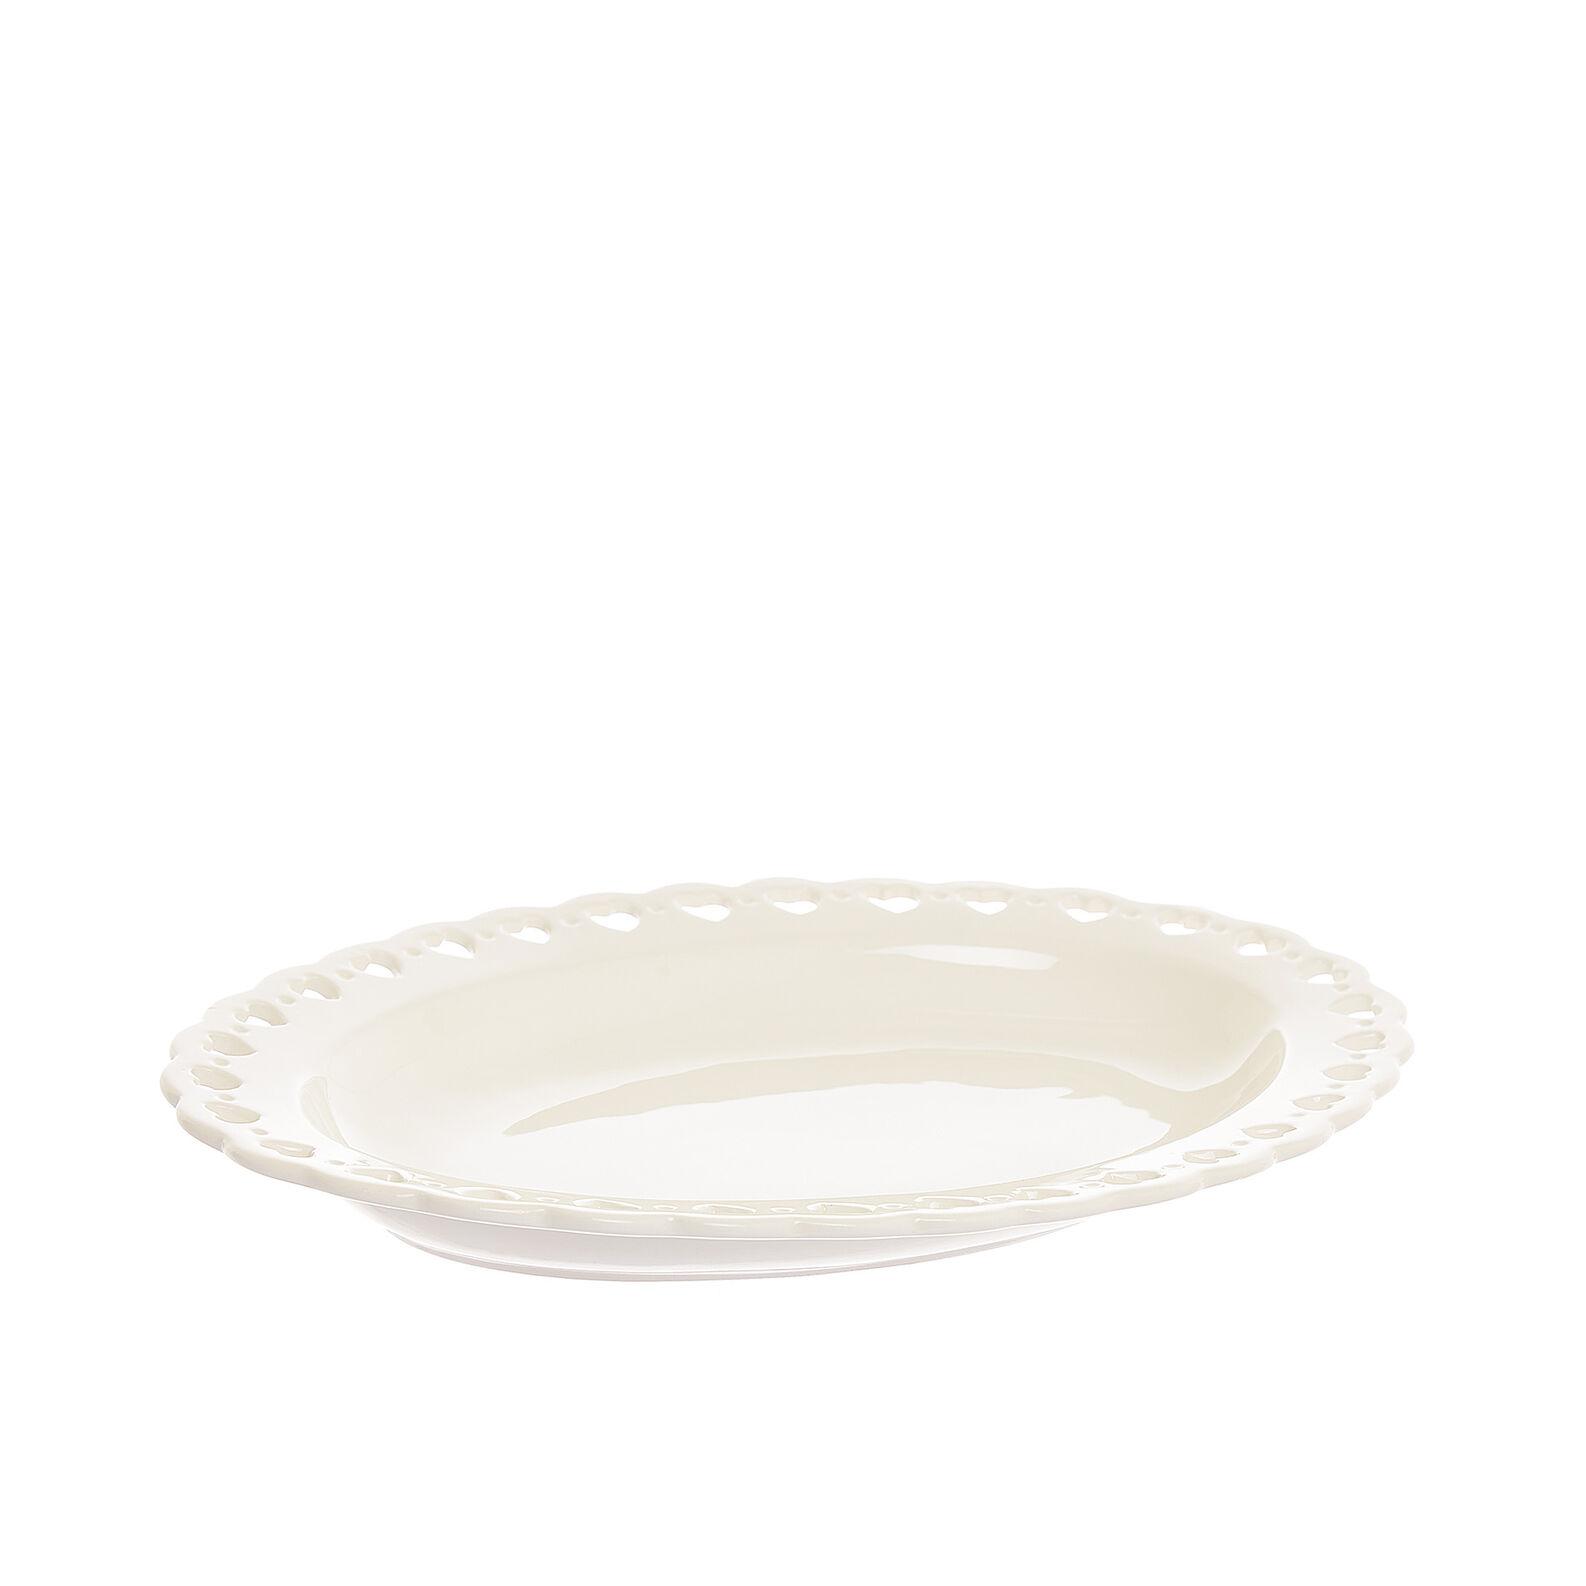 Piatto ovale ceramica cuori traforati